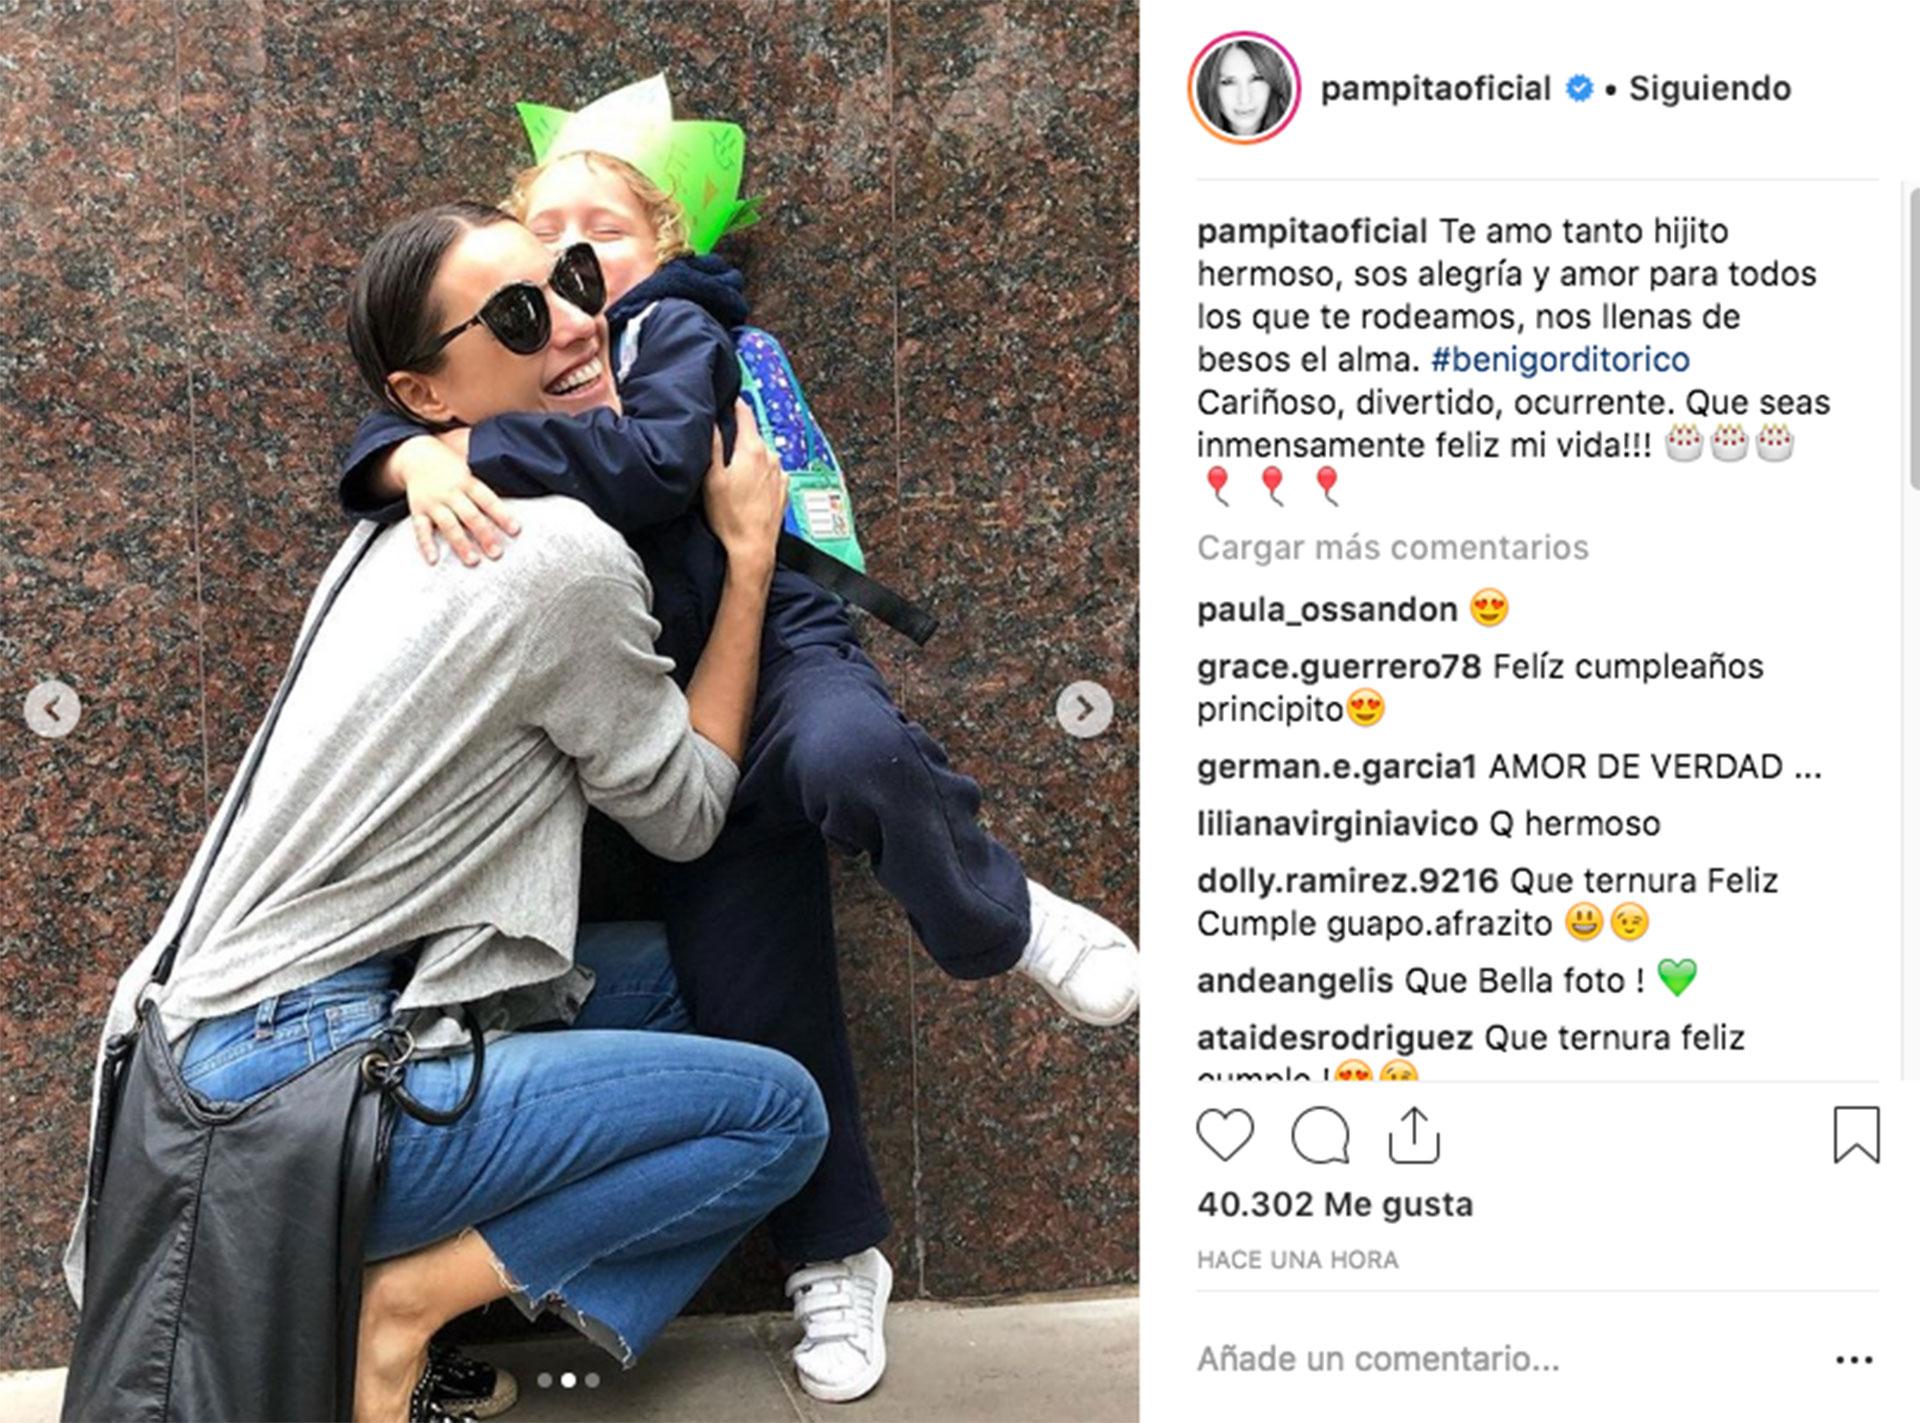 El posteo de Pampita en Instagram.